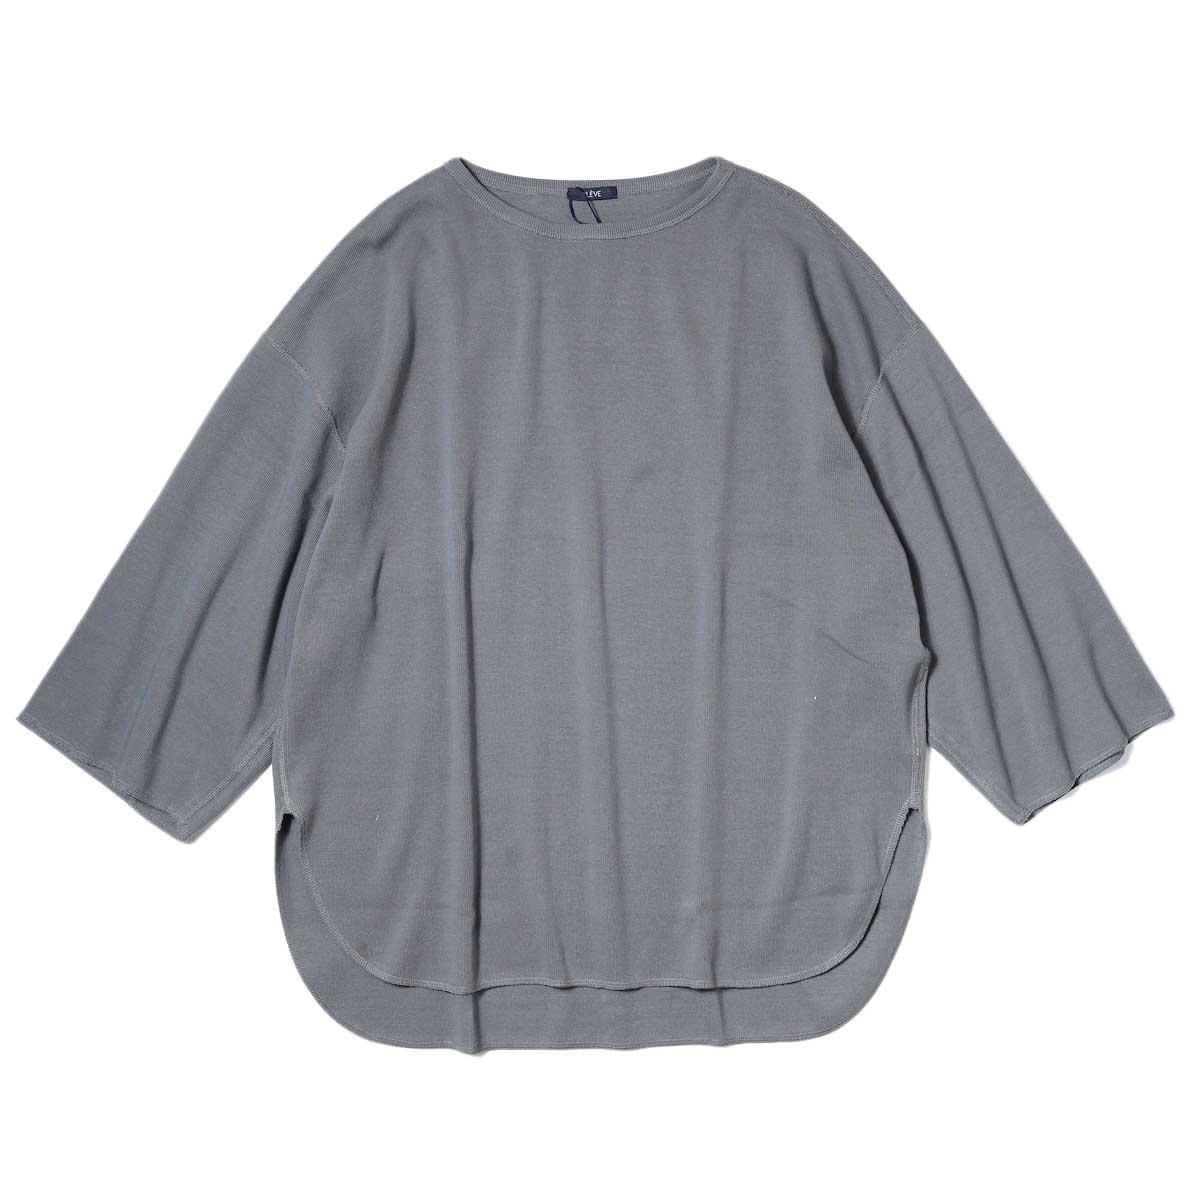 YLEVE / CTN RIB P/O BIG (Grey)